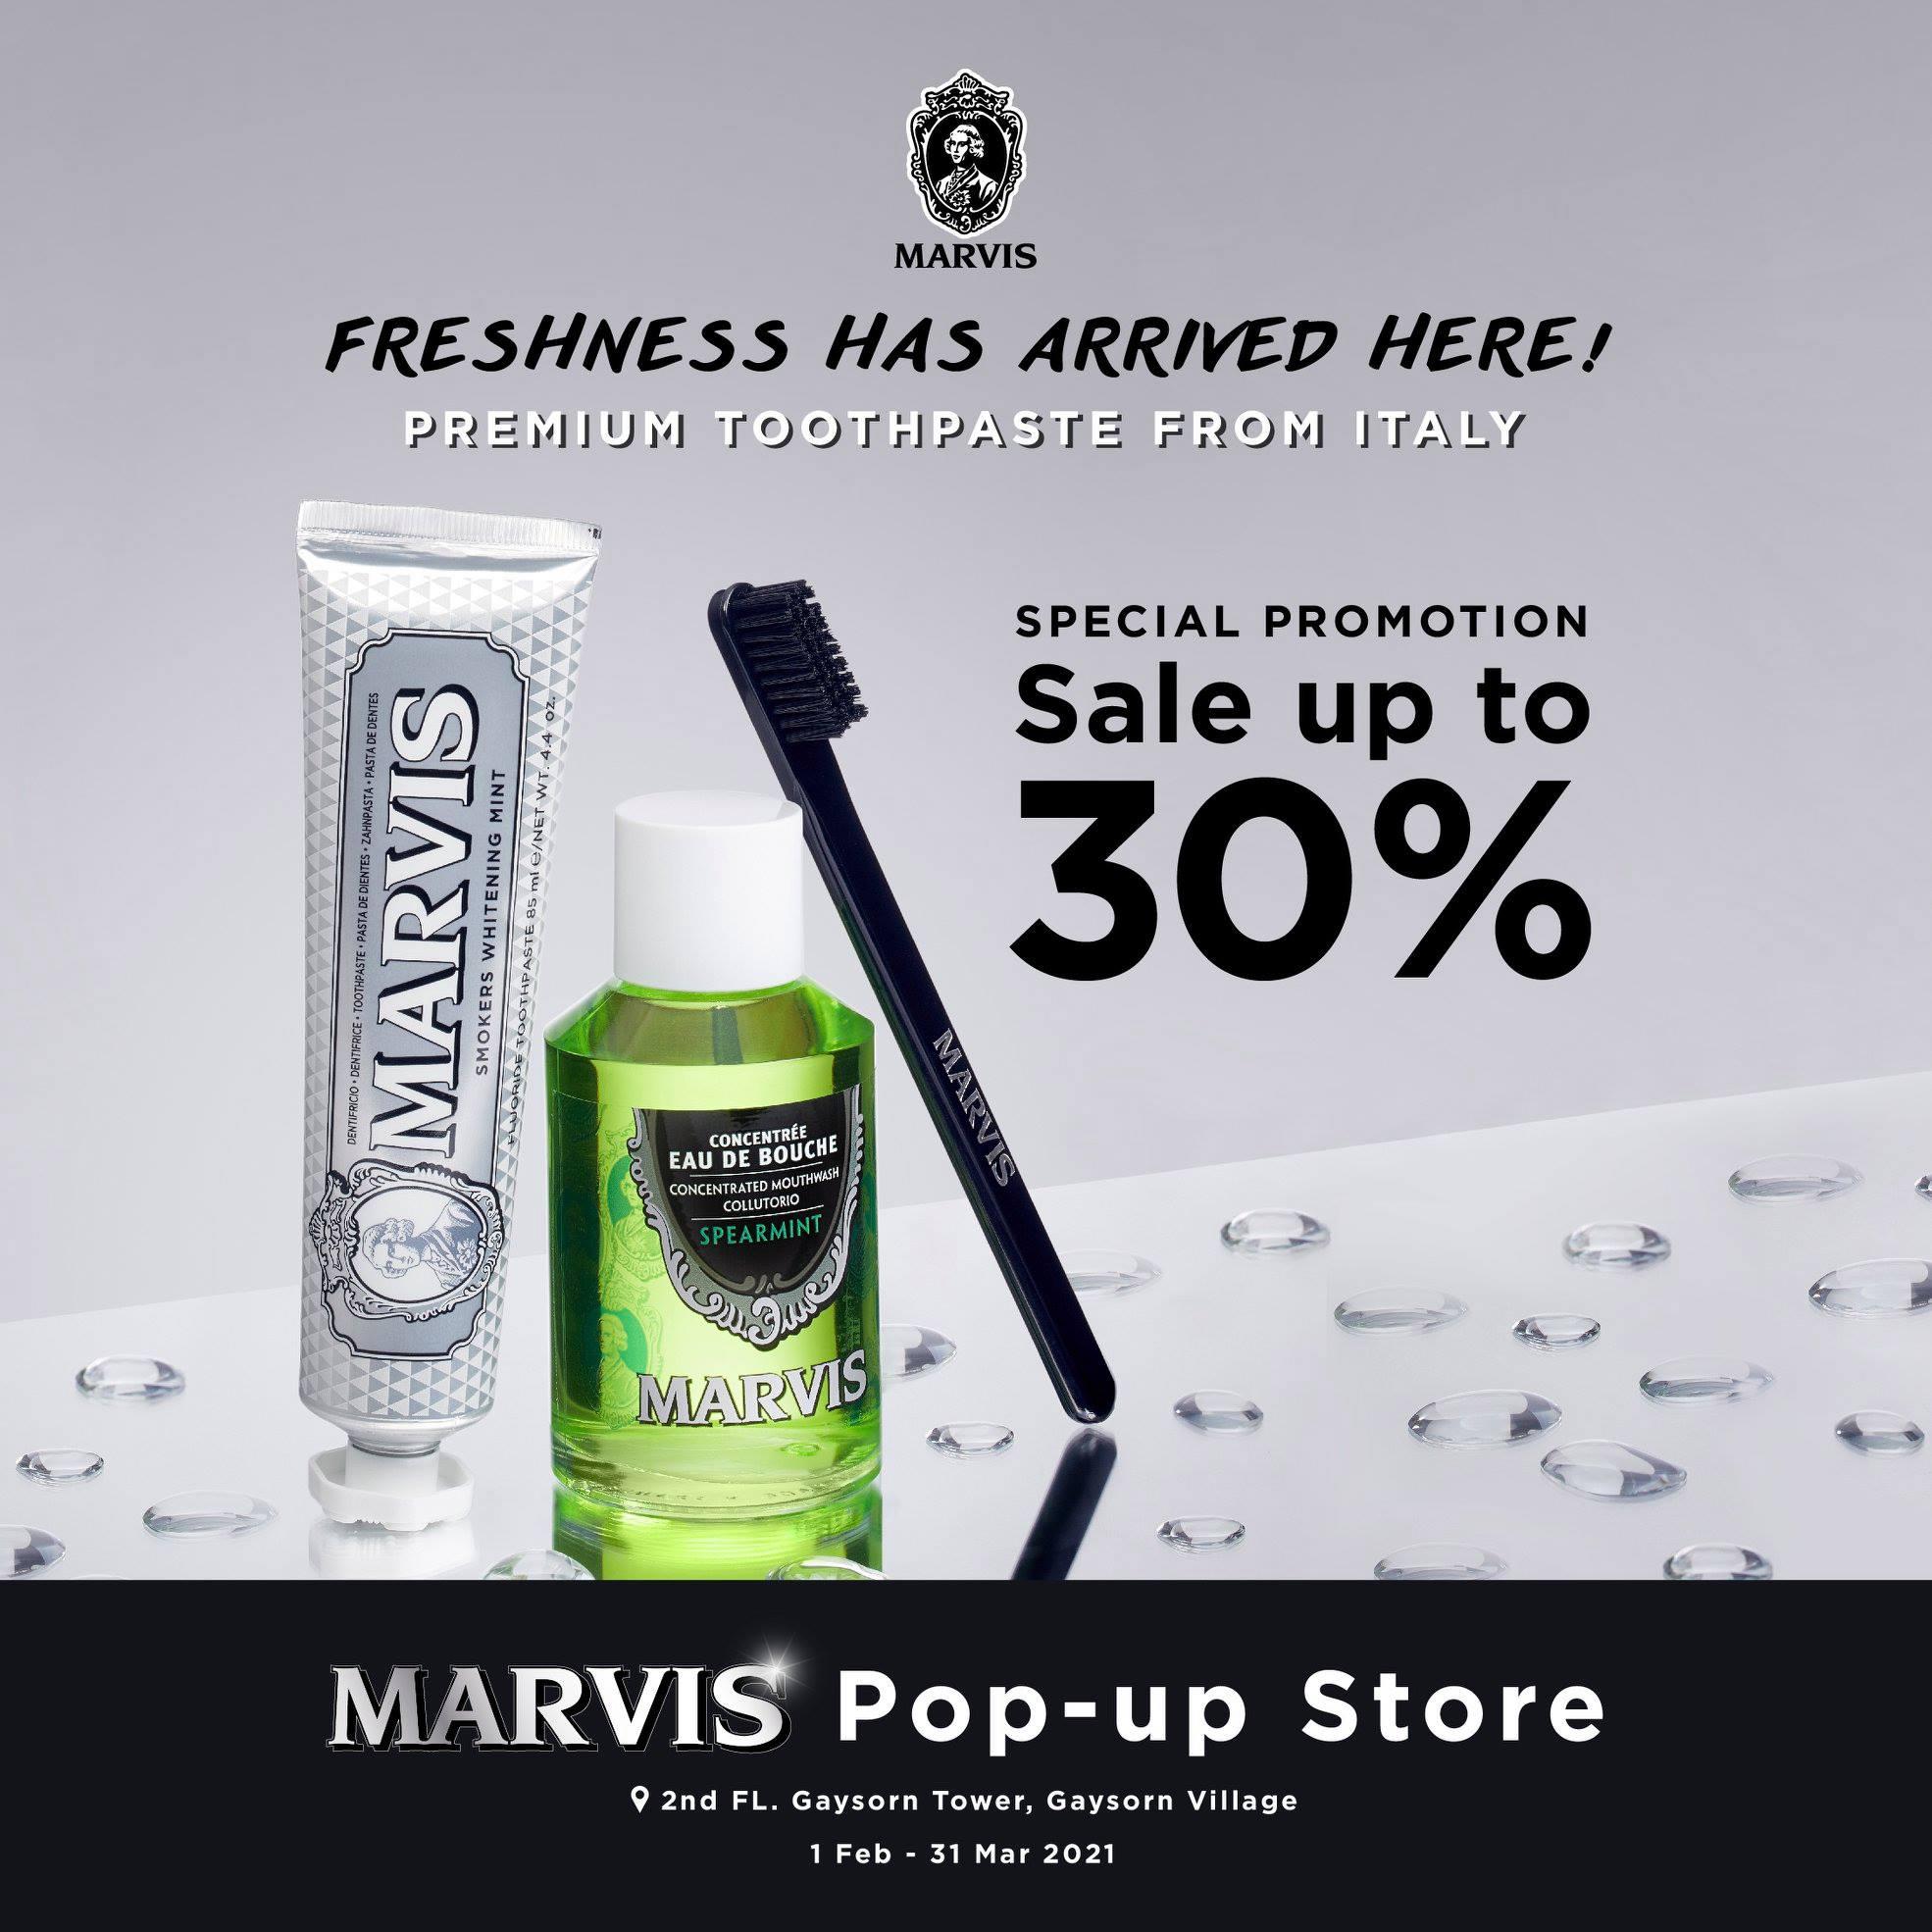 ยิ้มอย่างมั่นใจ ปากสะอาดสดชื่น ด้วยยาสีฟันพรีเมี่ยมยี่ห้อดัง MAVIS จากประเทศอิตาลี ที่กำลังเป็นที่นิยมมากในขณะนี้ มีให้เลือก 7 กลิ่นเพื่อสัมผัสที่แตกต่าง